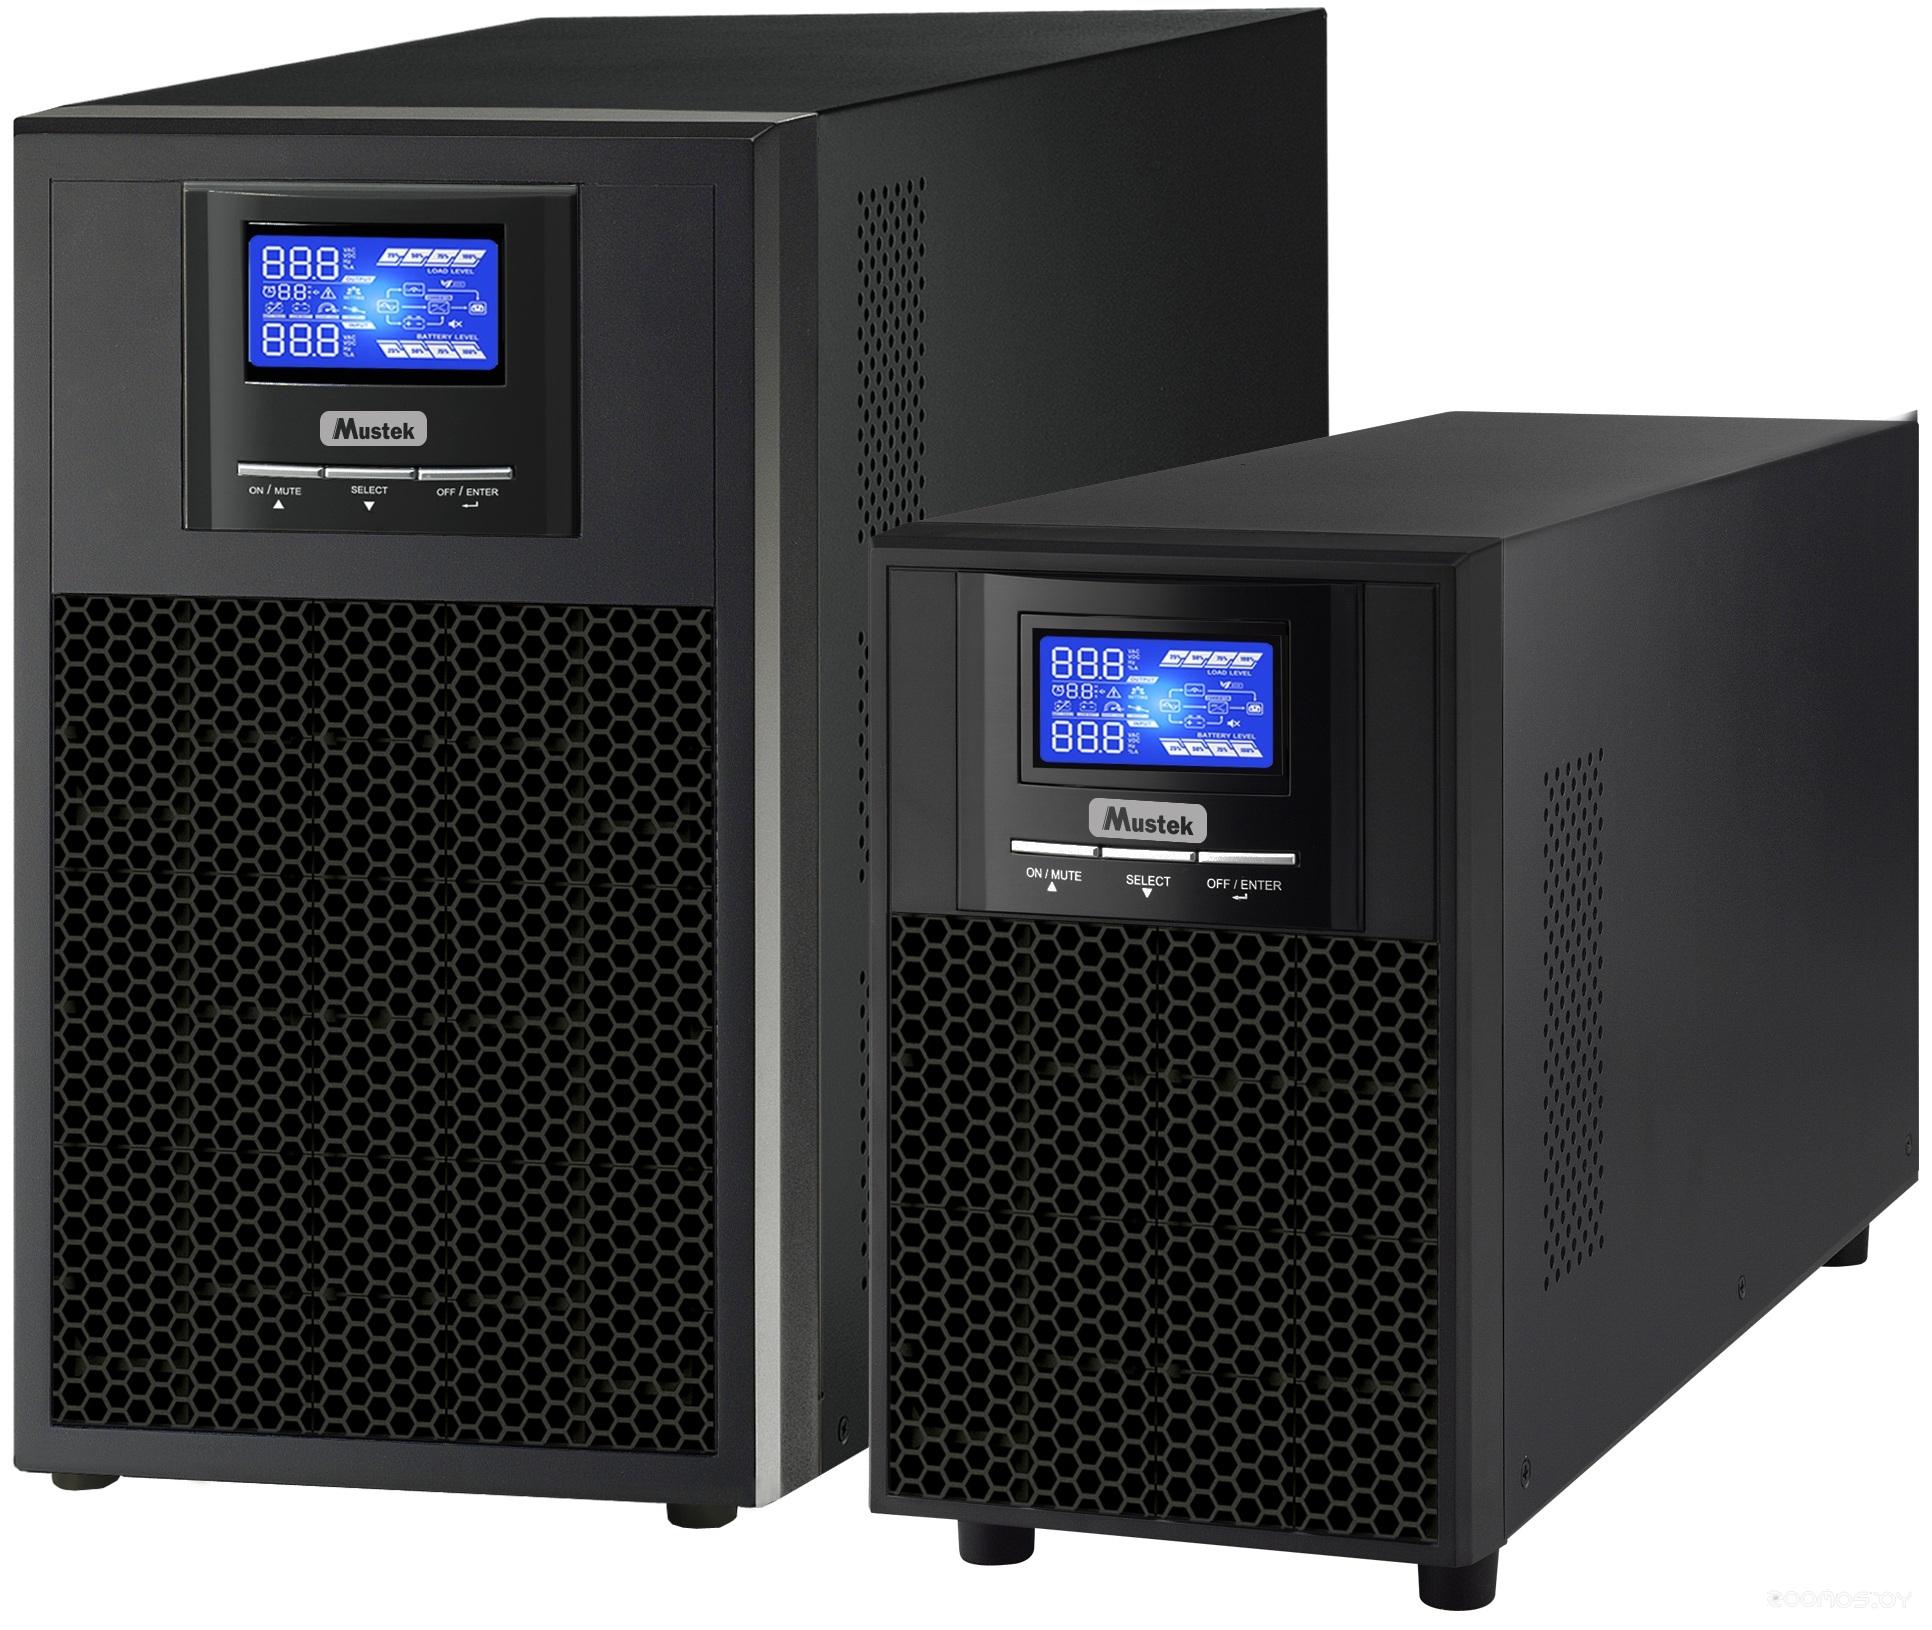 Источник бесперебойного питания Mustek PowerMust 1000 LCD Online IEC